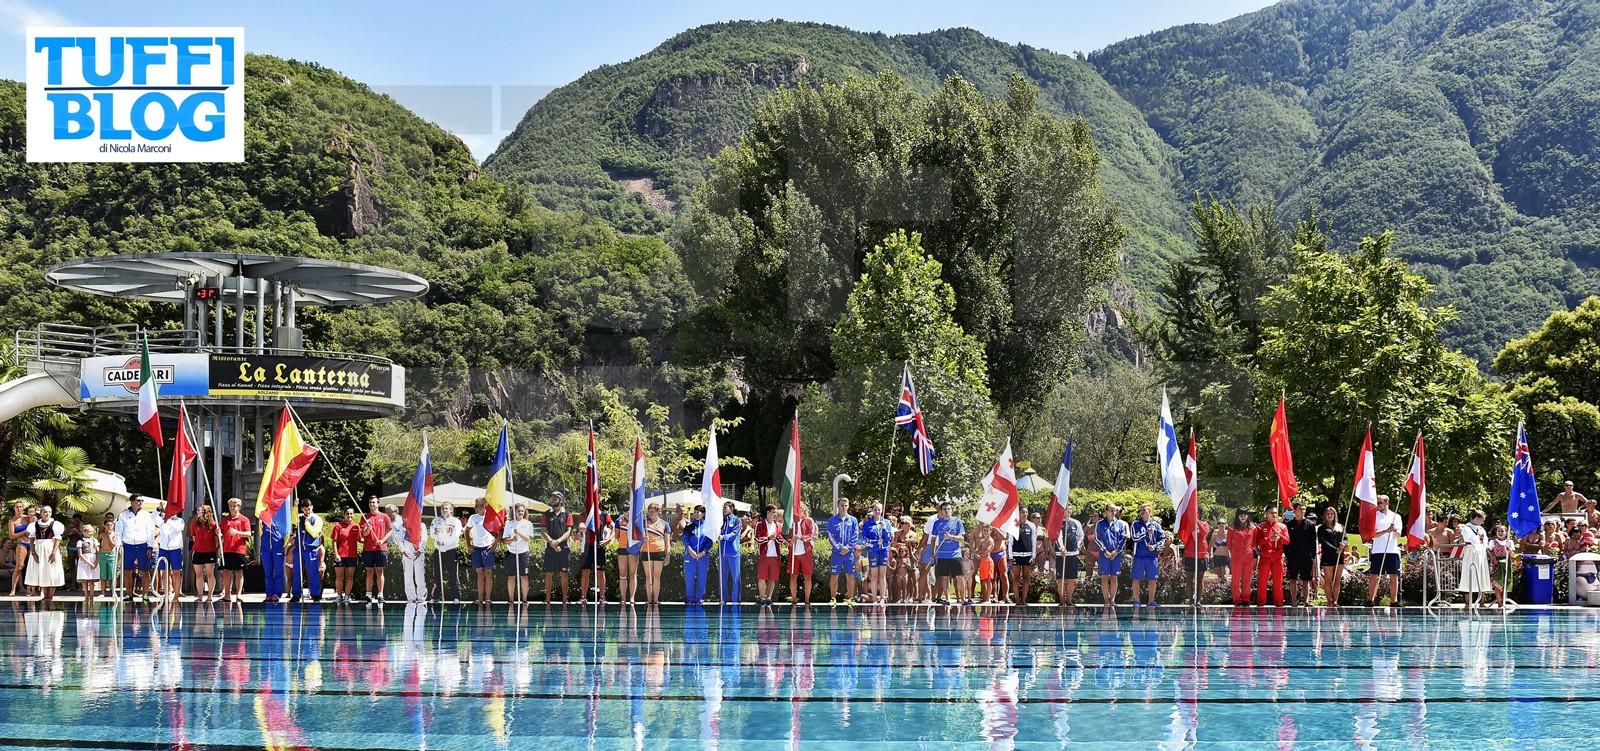 FINA Diving GP: Bolzano - 16 azzurri, dalle supermamme agli esordienti! I convocati, il programma e come seguire le gare!